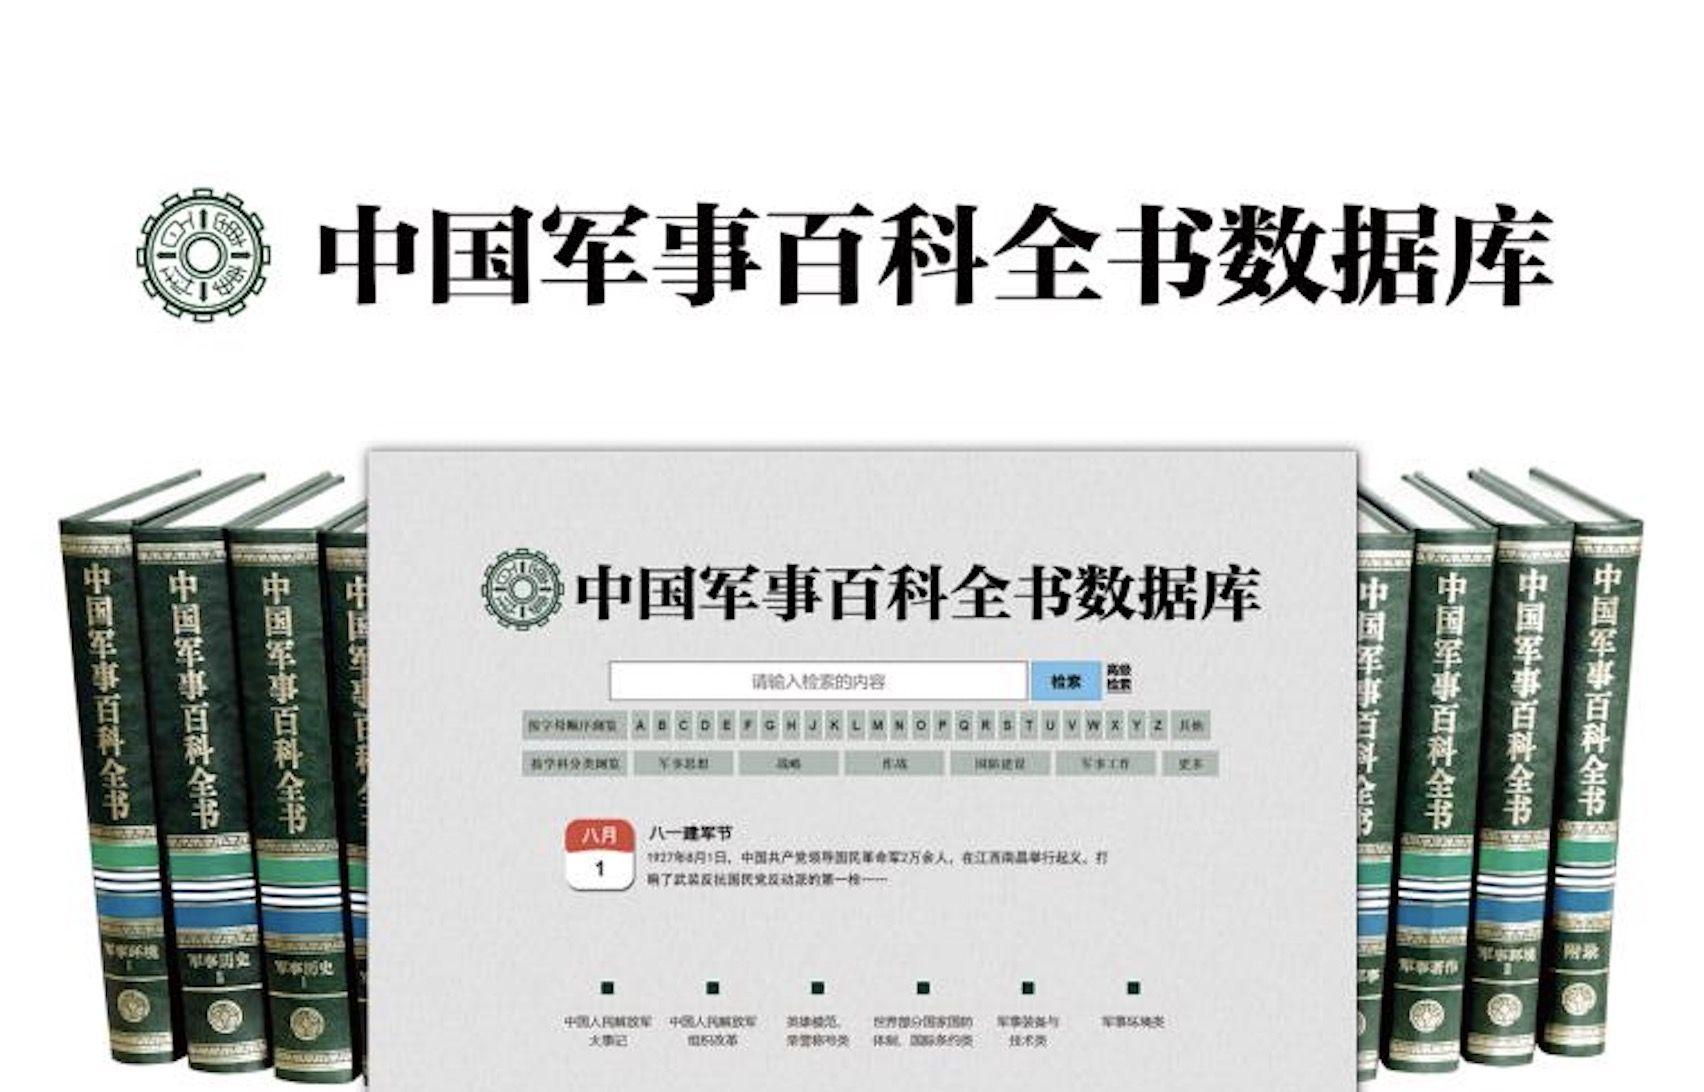 百炼火出寸金精——《中国军事百科全书数据库》发布